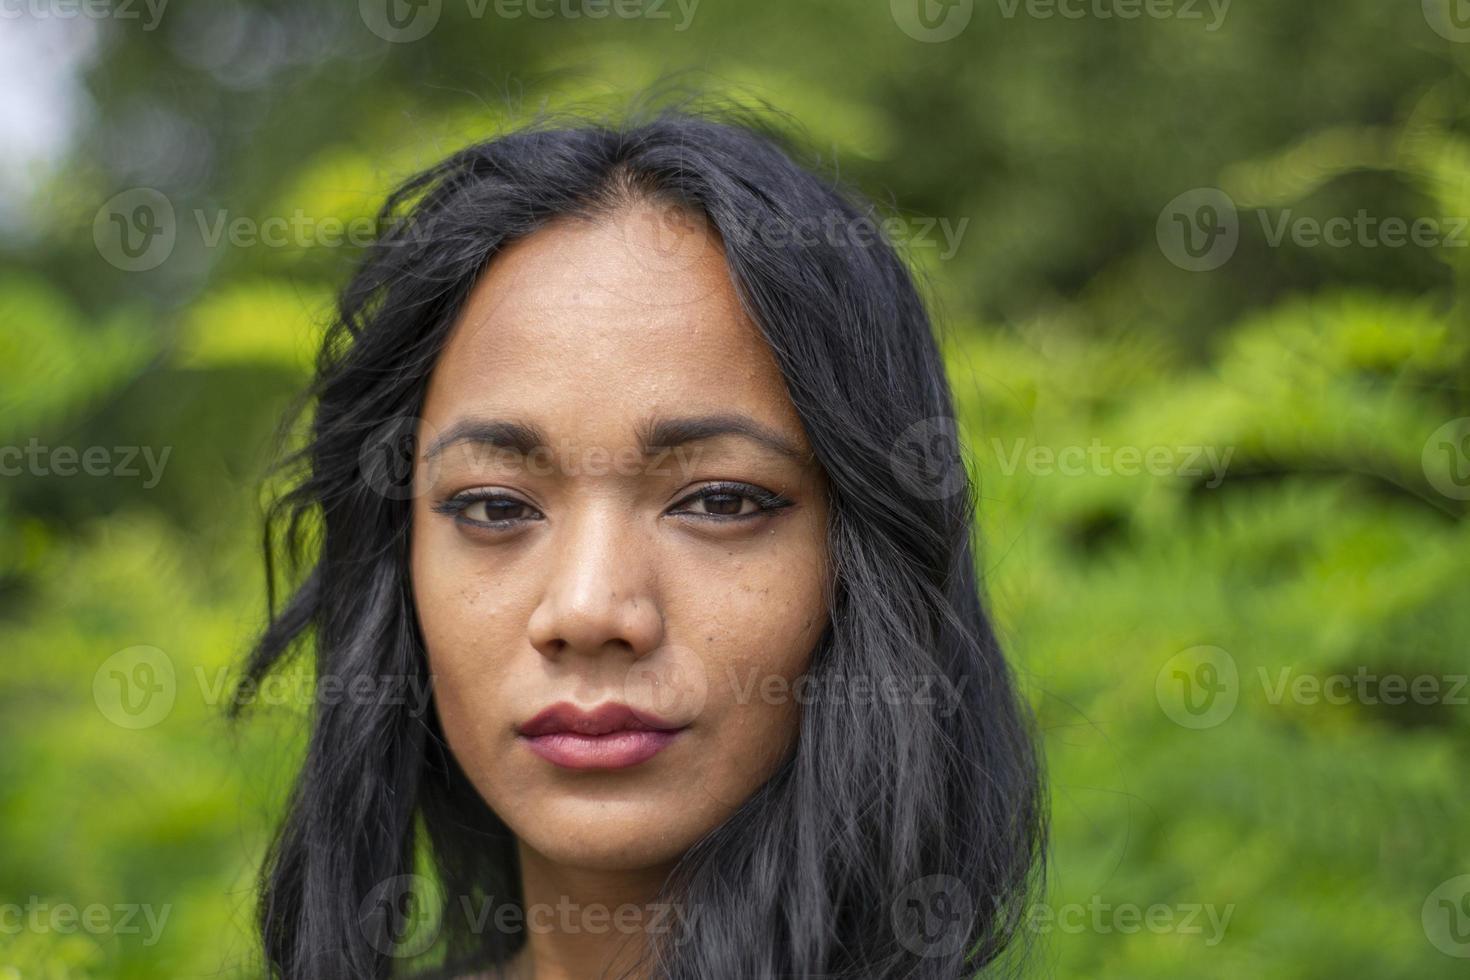 fille indienne immergée dans la nature printanière photo